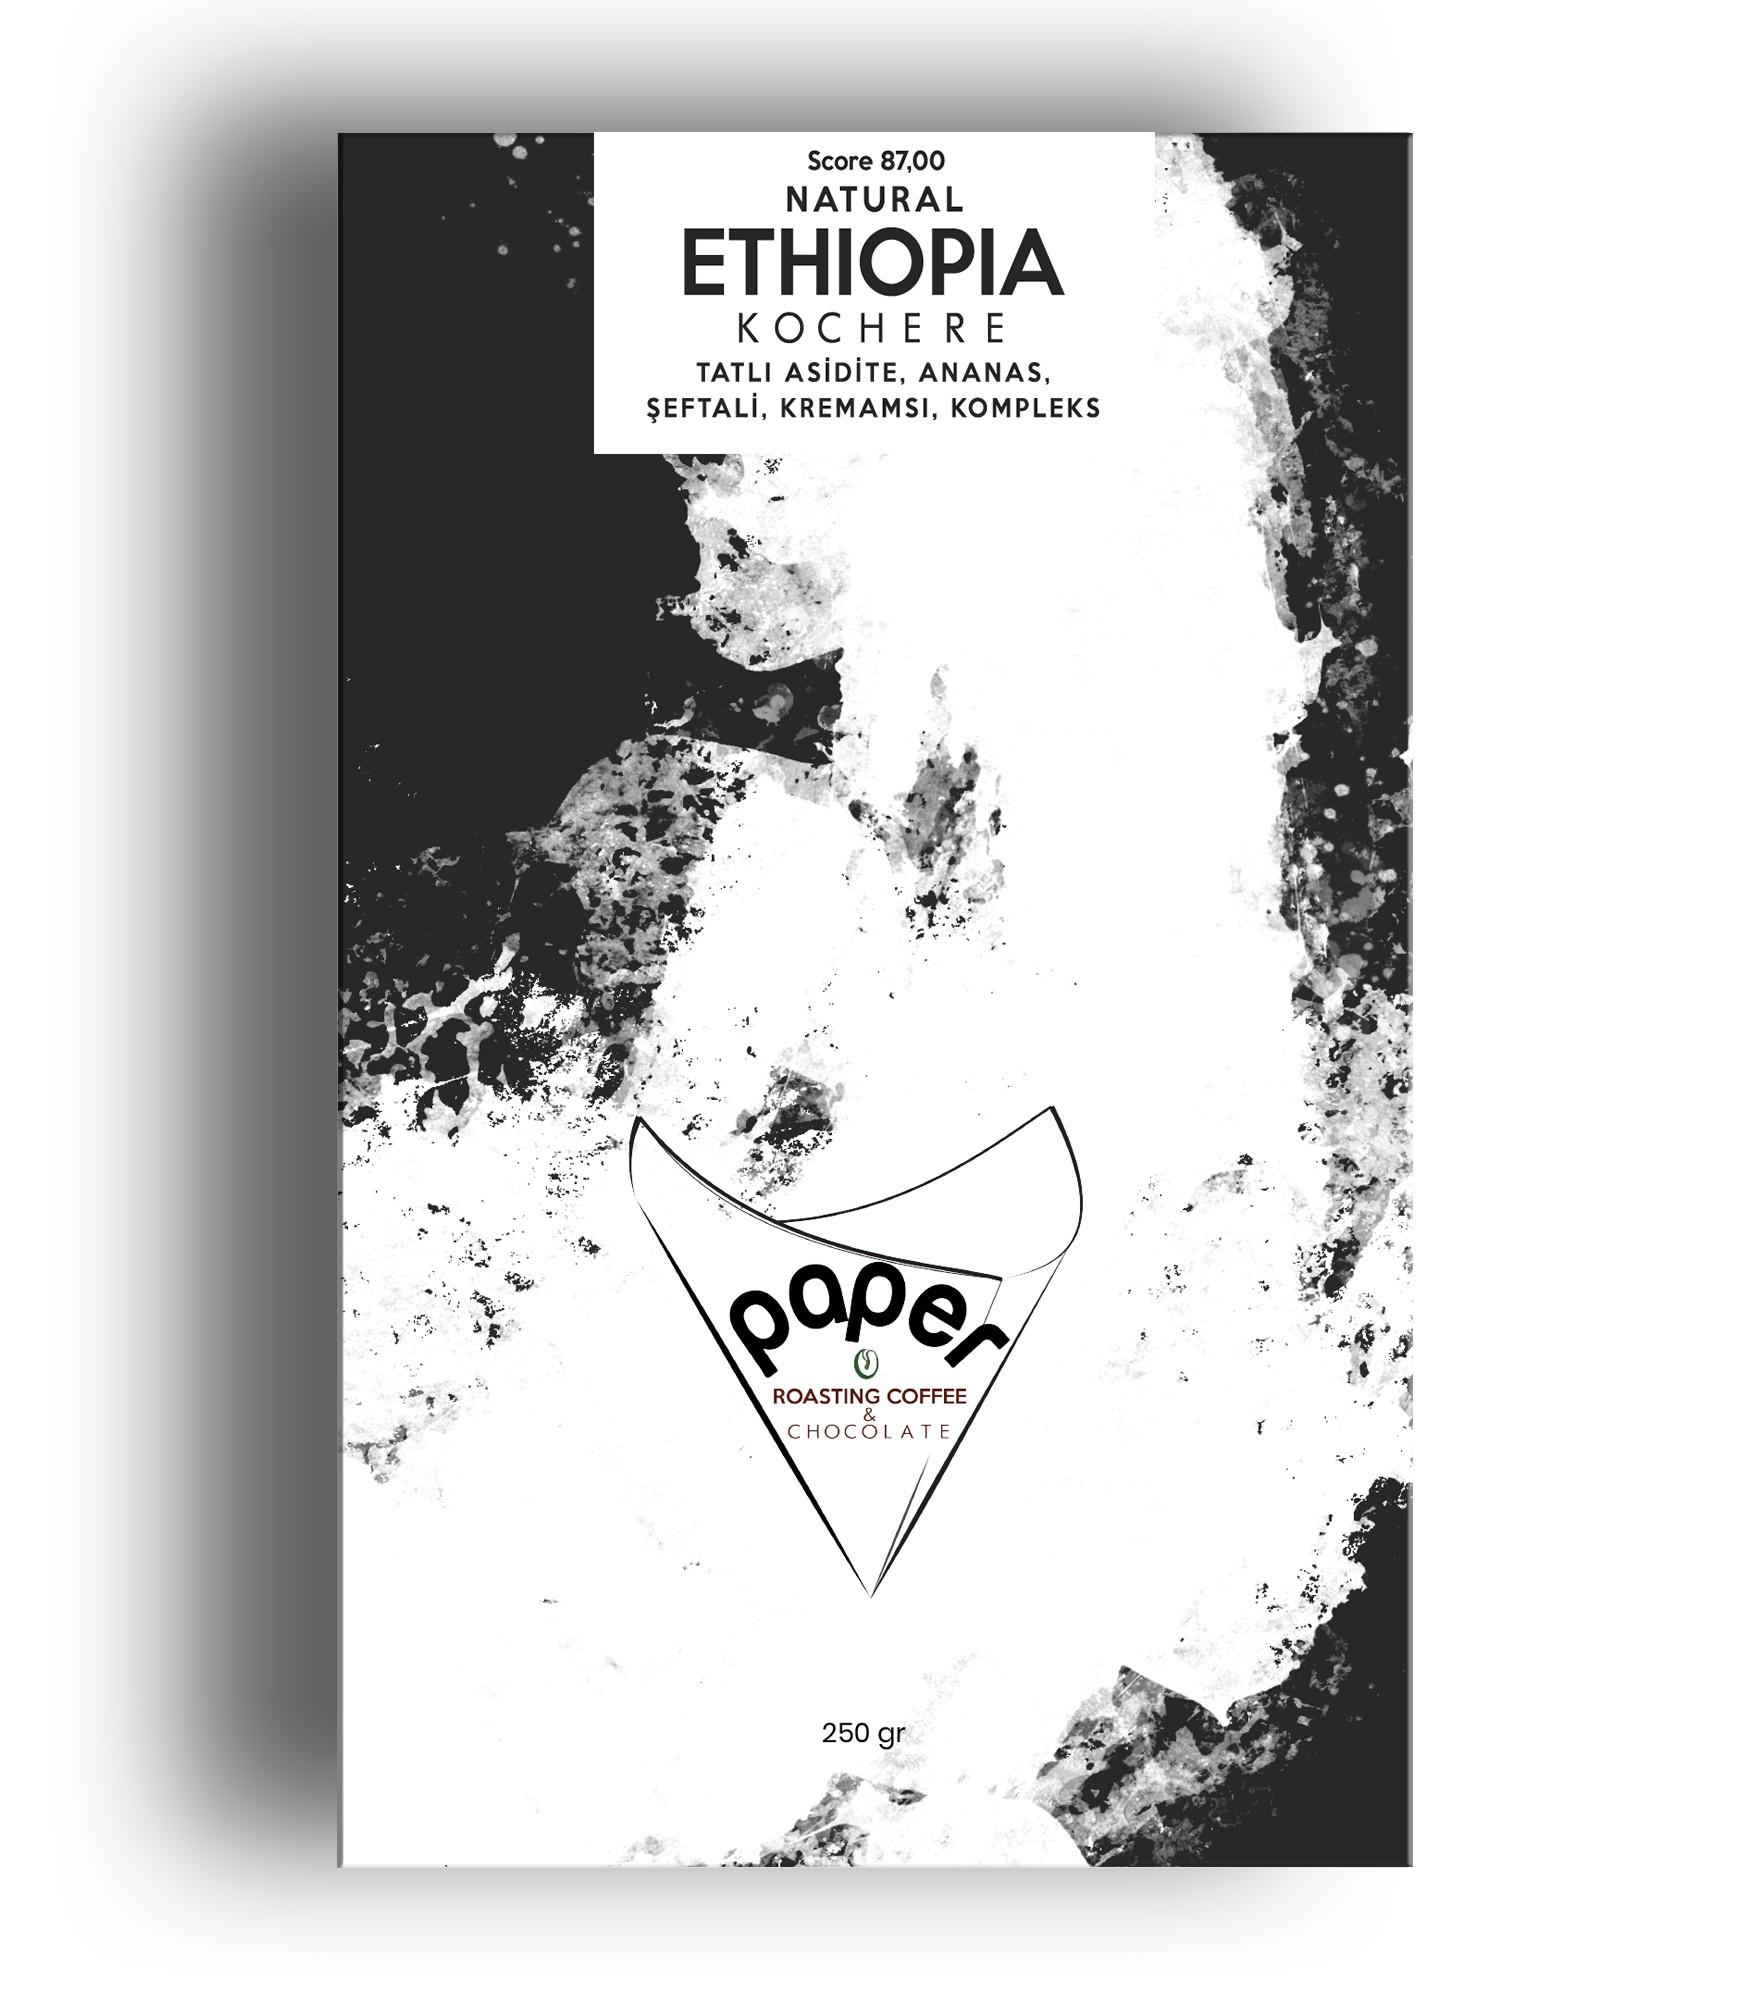 Ethiopia Kochere Natural